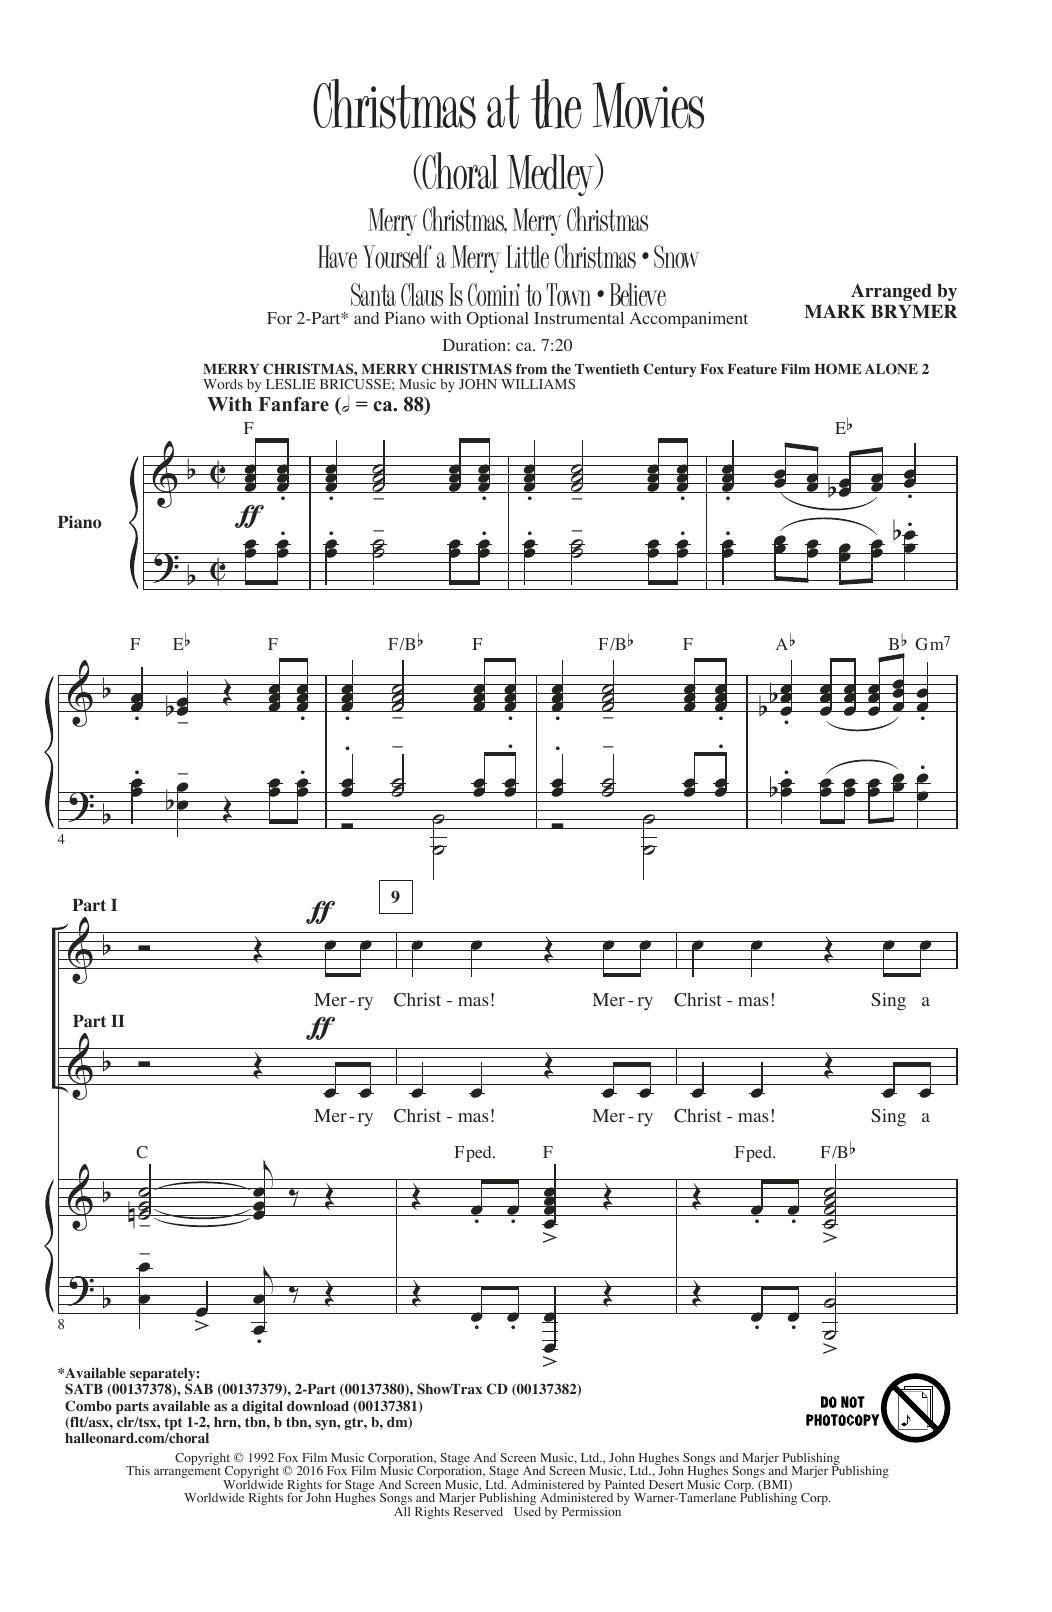 Josh Groban - Christmas At The Movies (Choral Medley)